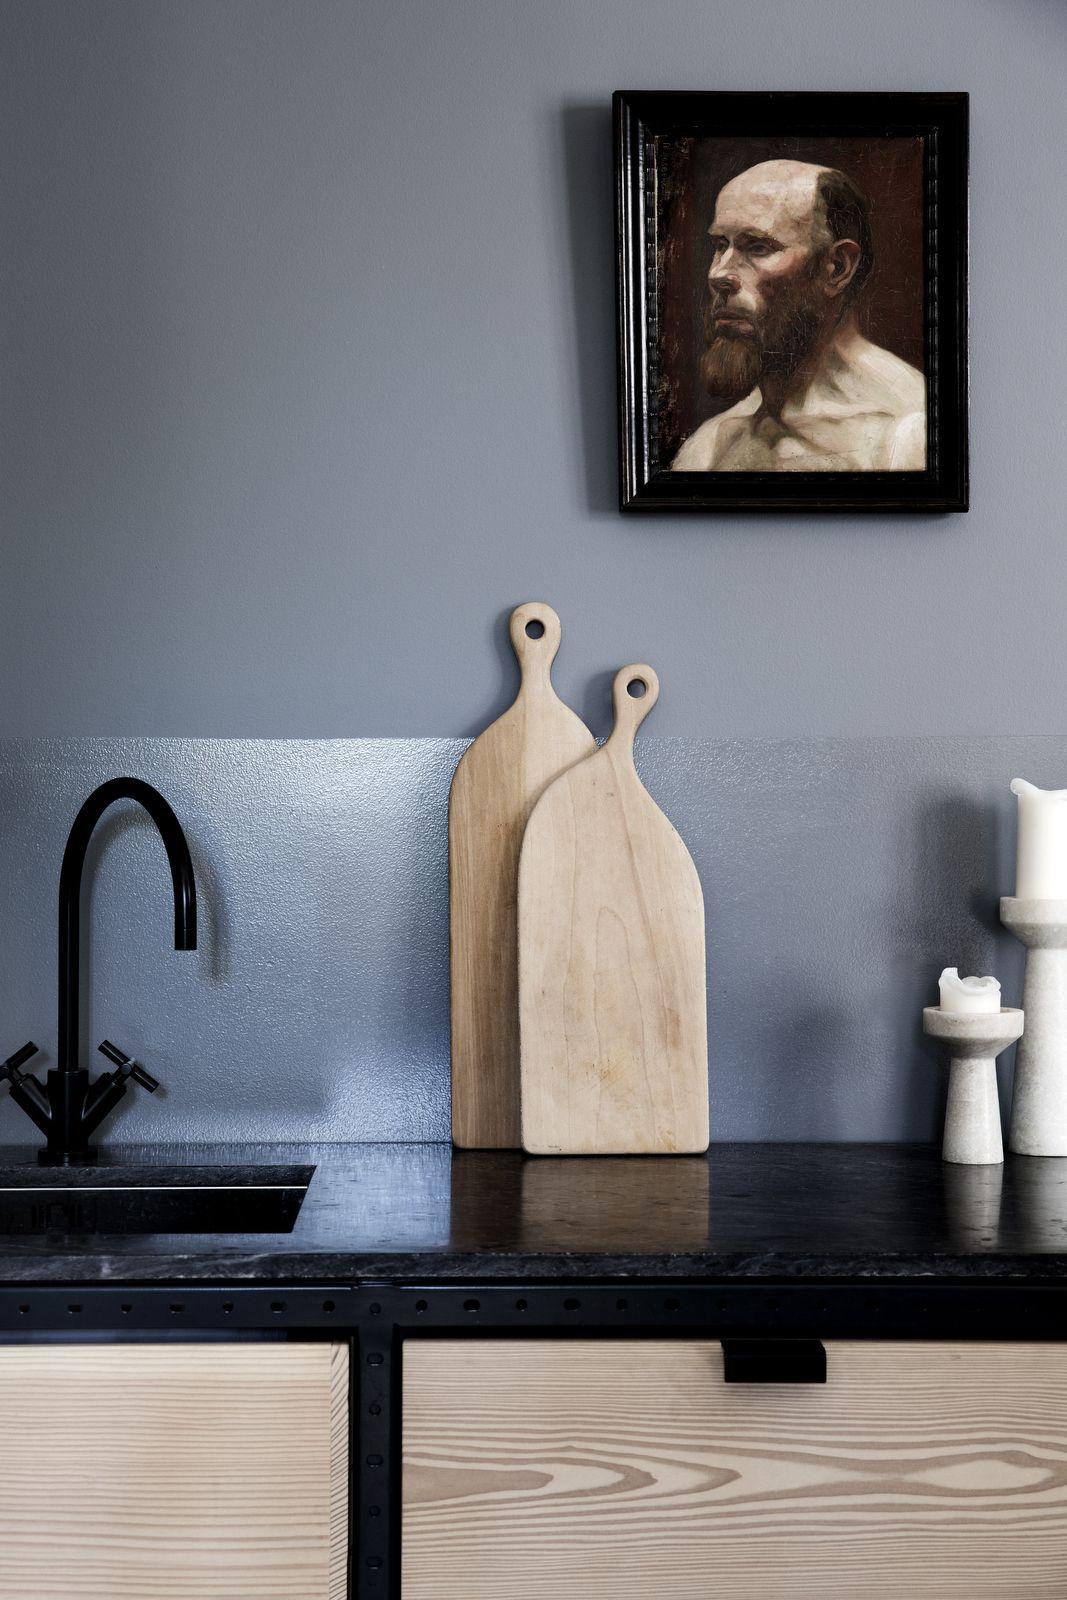 Farbe Abwaschbar in Küche | Küche | Wandfarbe küche, Küche ...